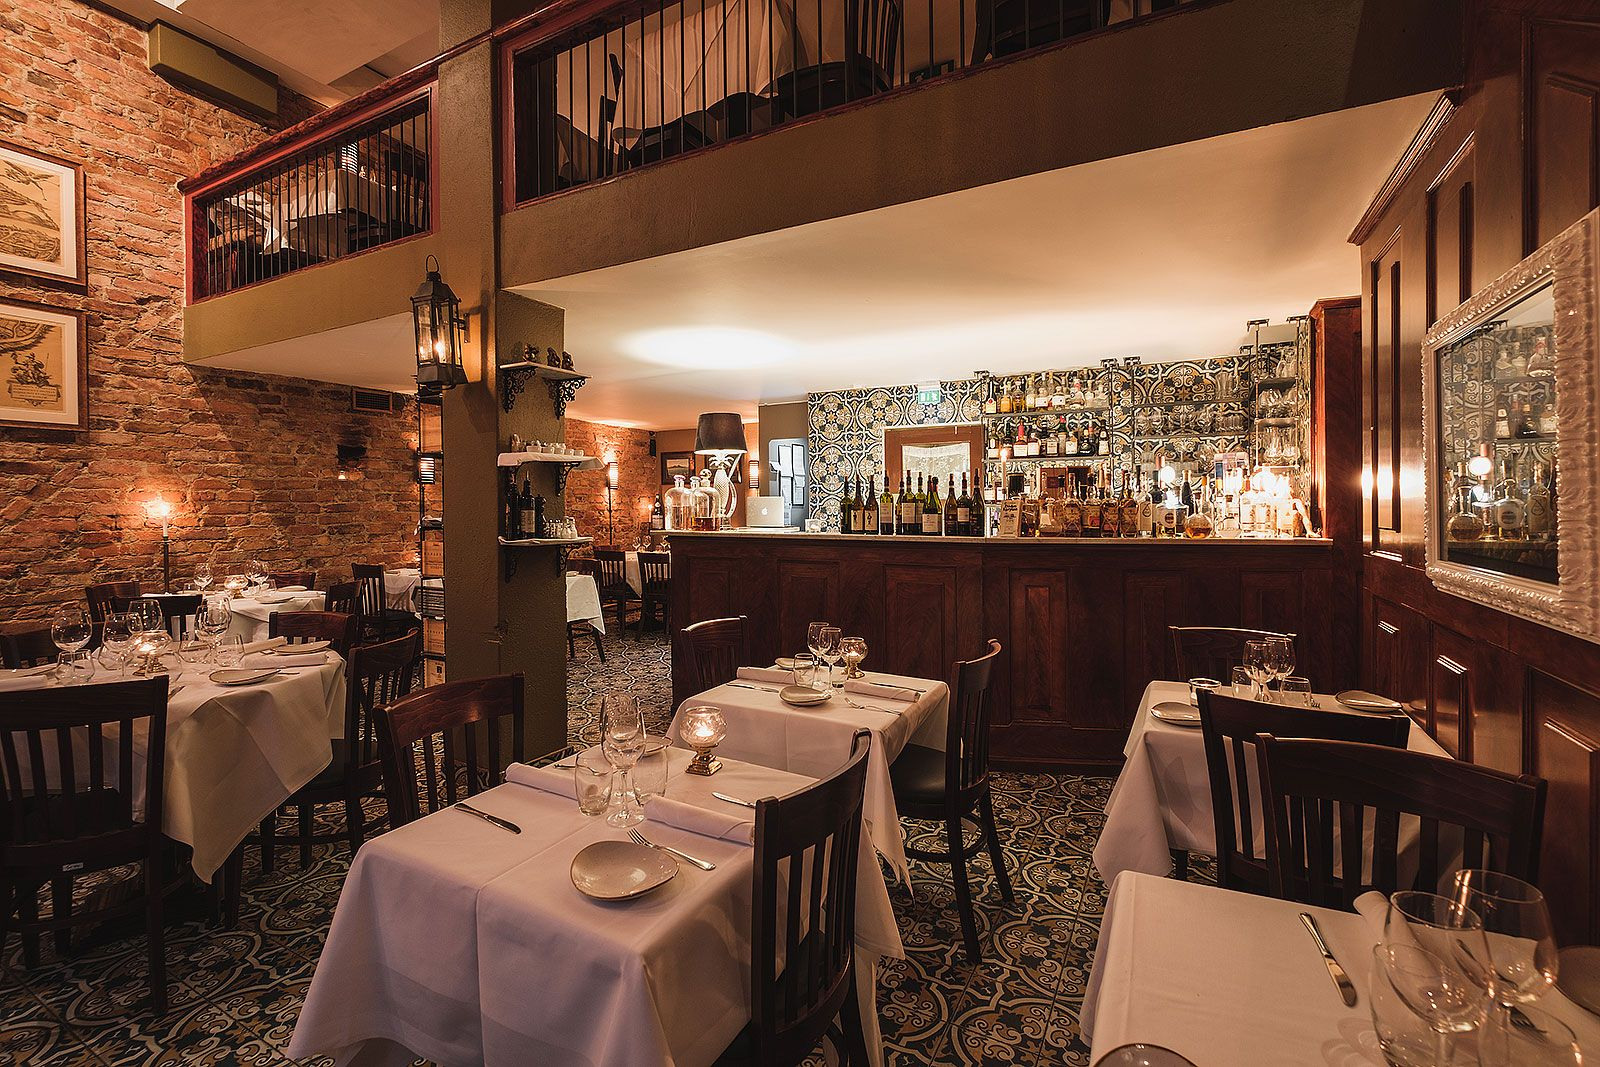 LA VARENNE, Doha - Omdmen om restauranger - Tripadvisor